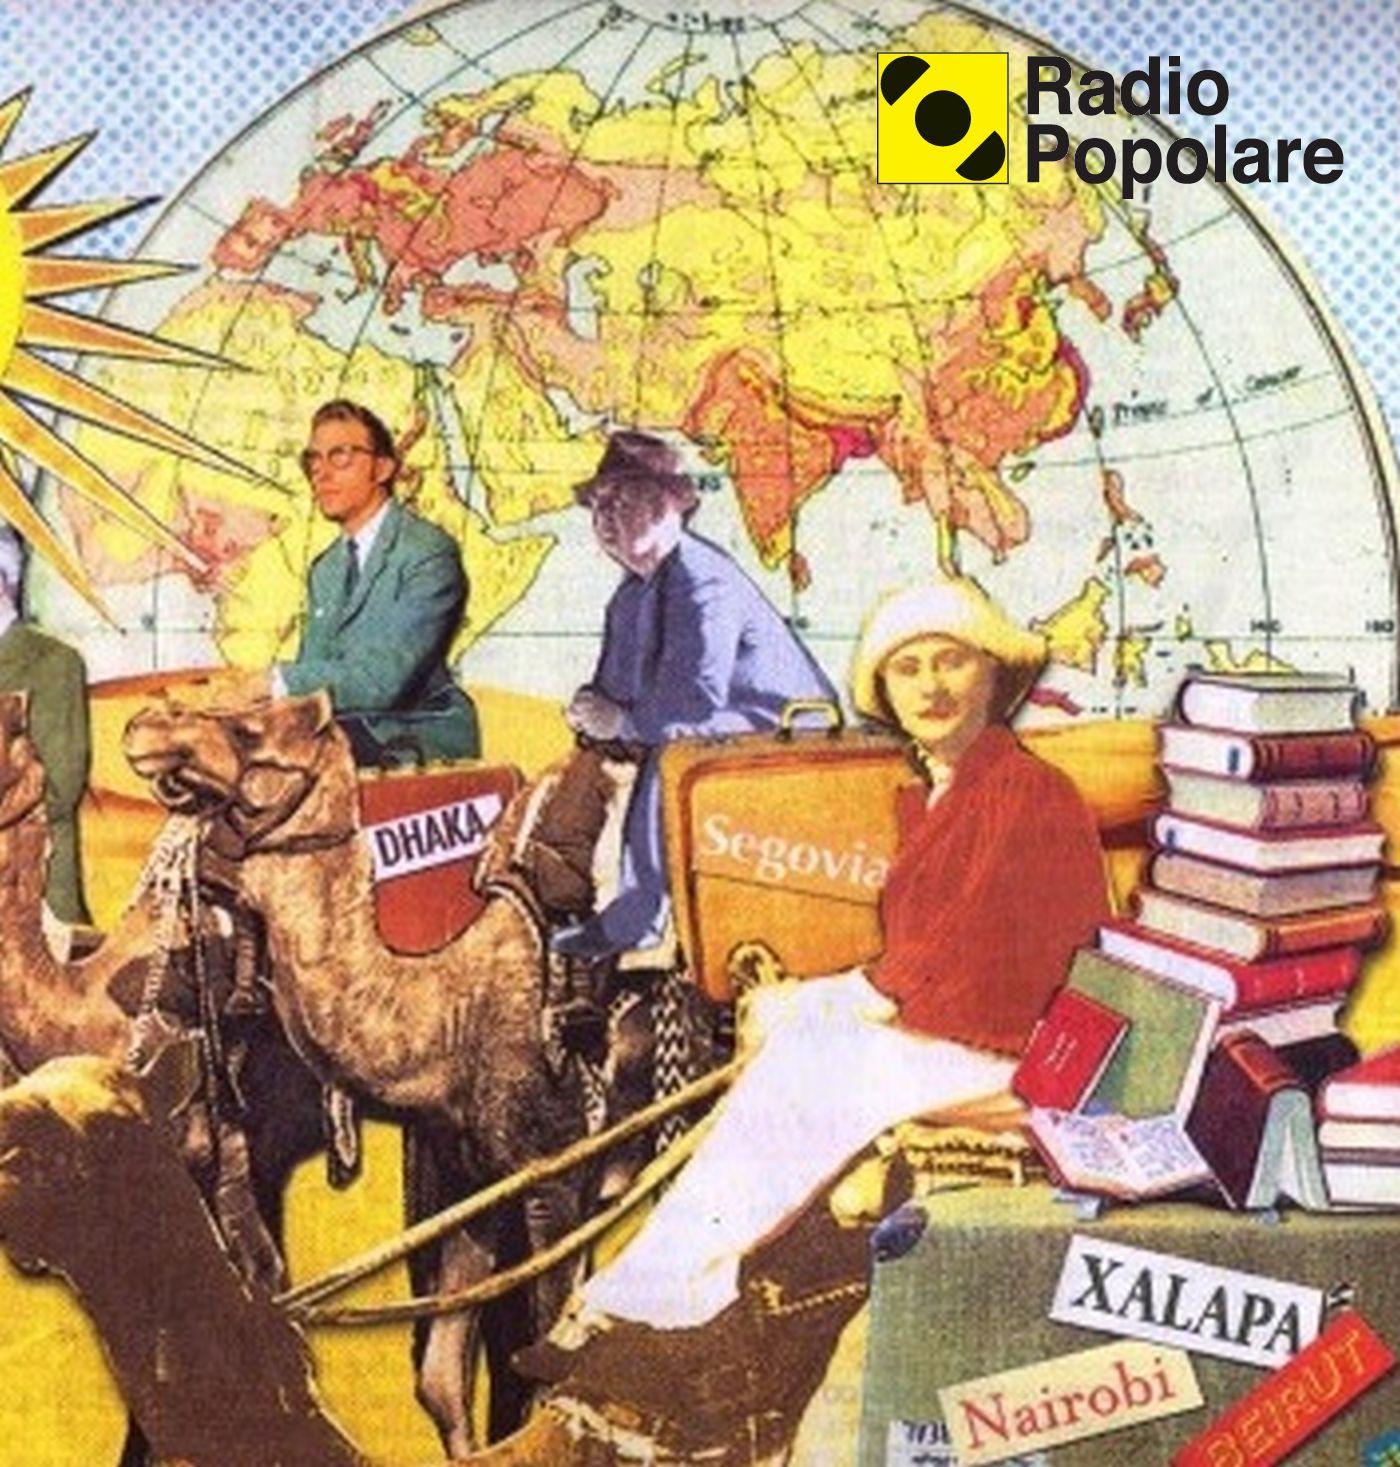 Rassegna stampa internazionale - Radio Popolare